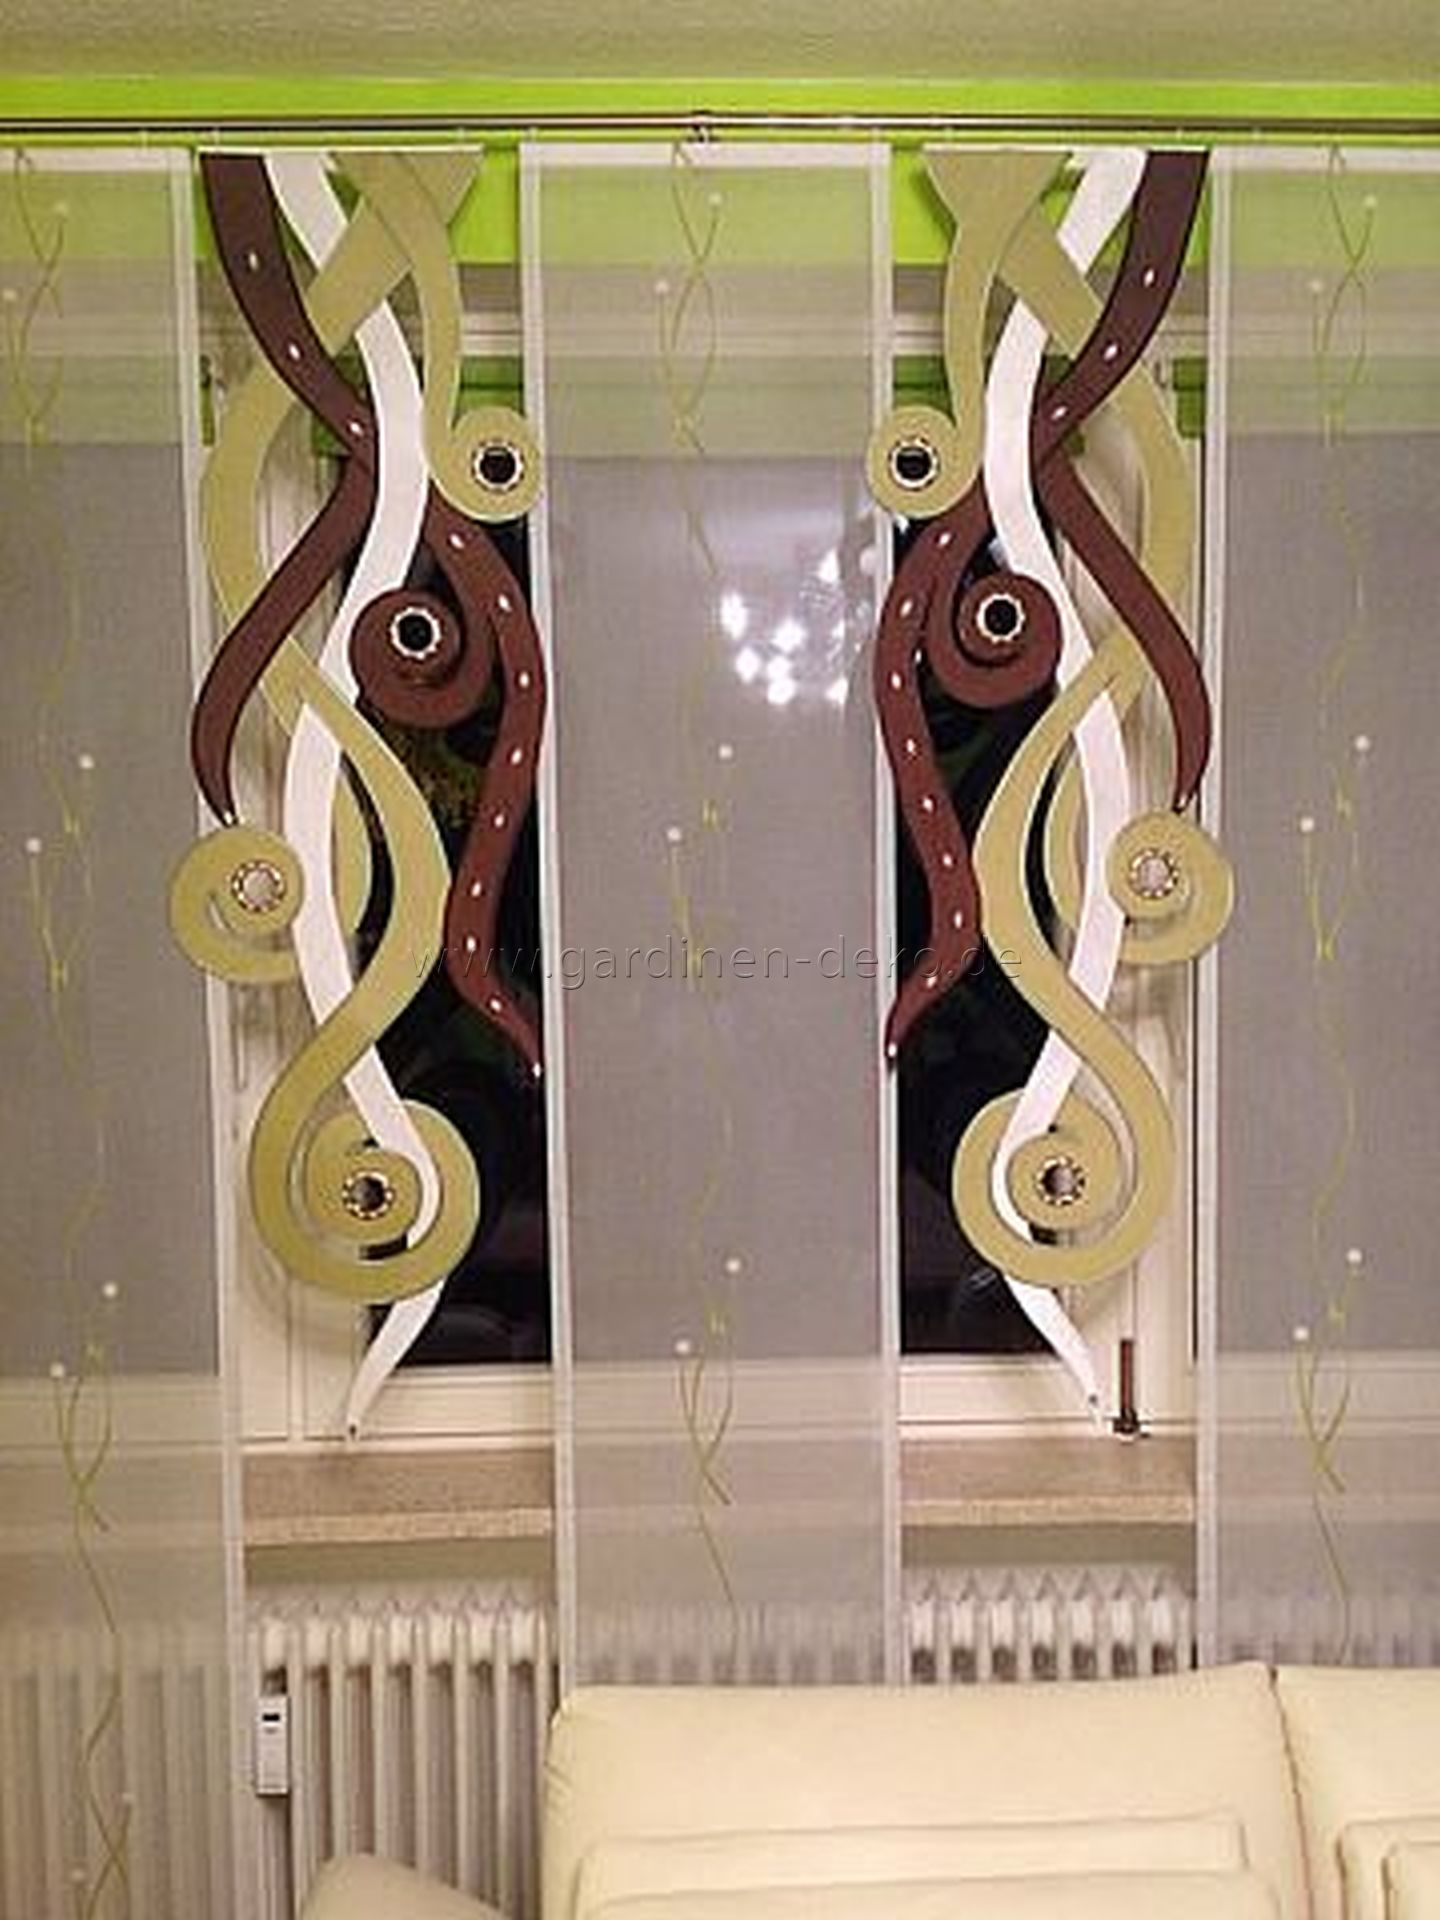 Außergewöhnlicher Schiebevorhang in pflanzenähnlichem Stil   http